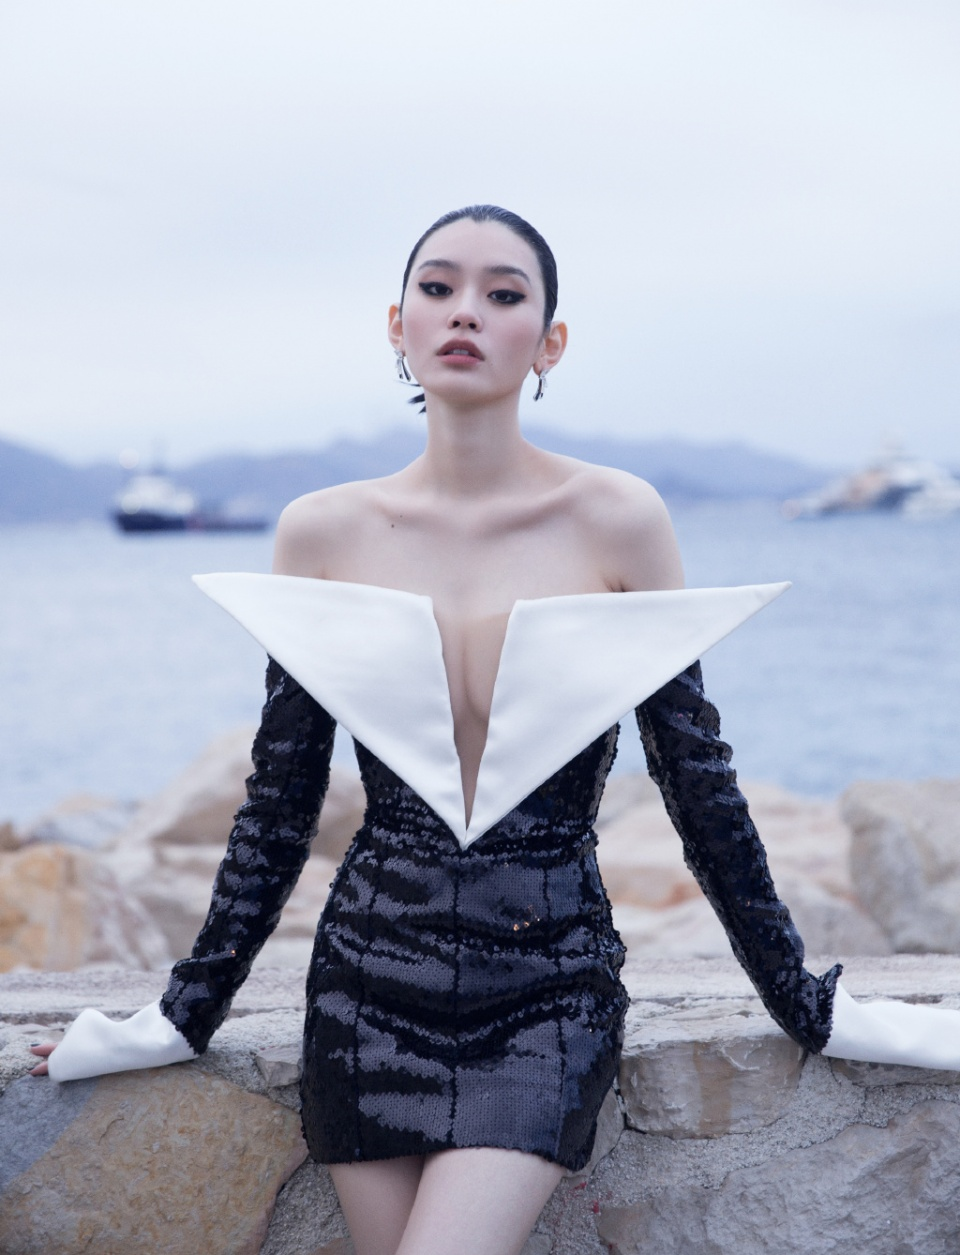 """比起奚梦瑶""""两片式""""深V,真空穿西装的超模Anja才是真洋气"""